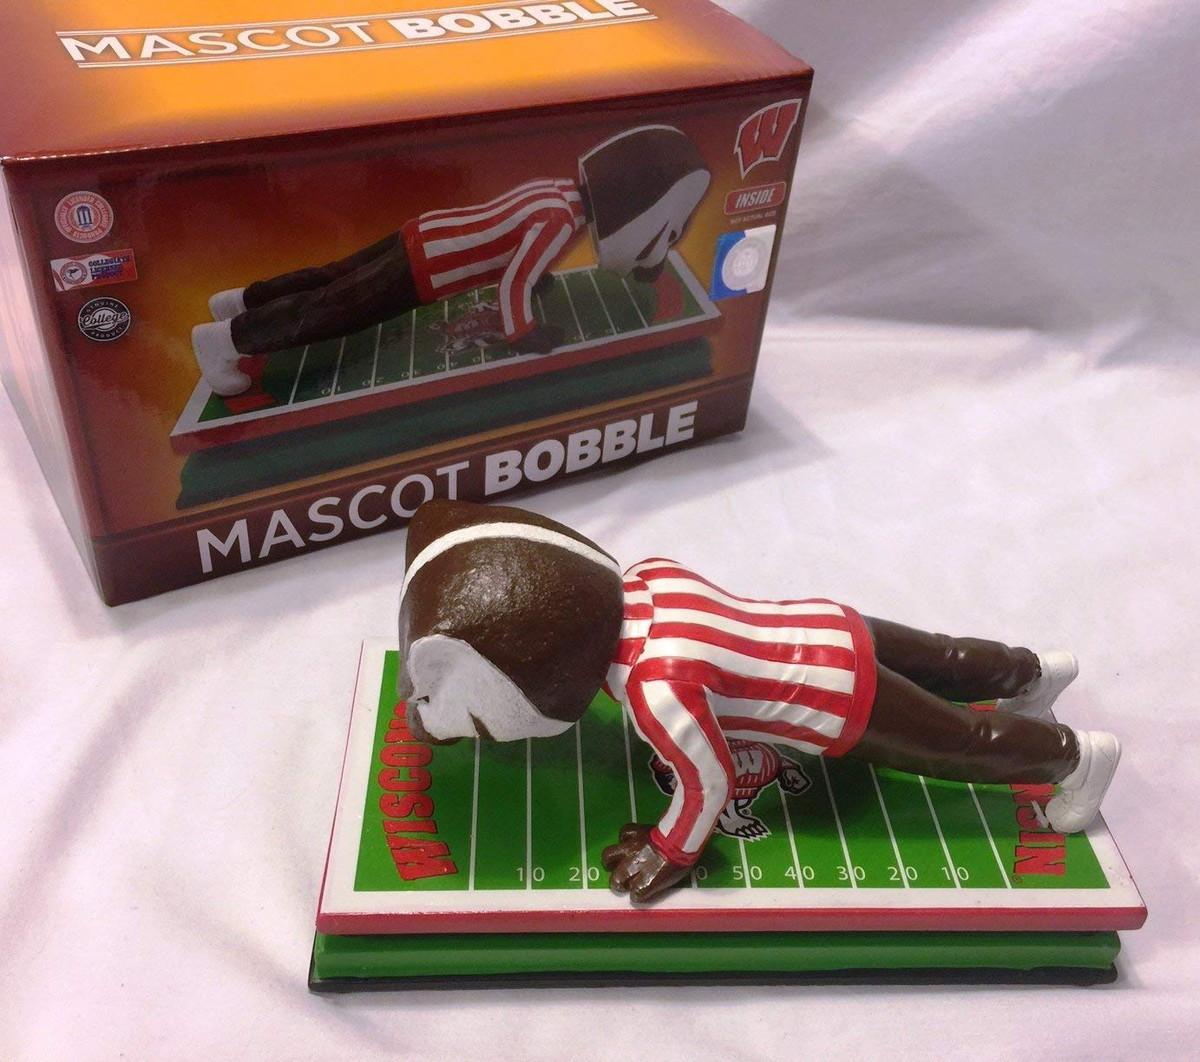 ボブルヘッド バブルヘッド 首振り人形 ボビンヘッド BOBBLEHEAD Wisconsin Badgers Bucky Badger Mascot Bobblehead